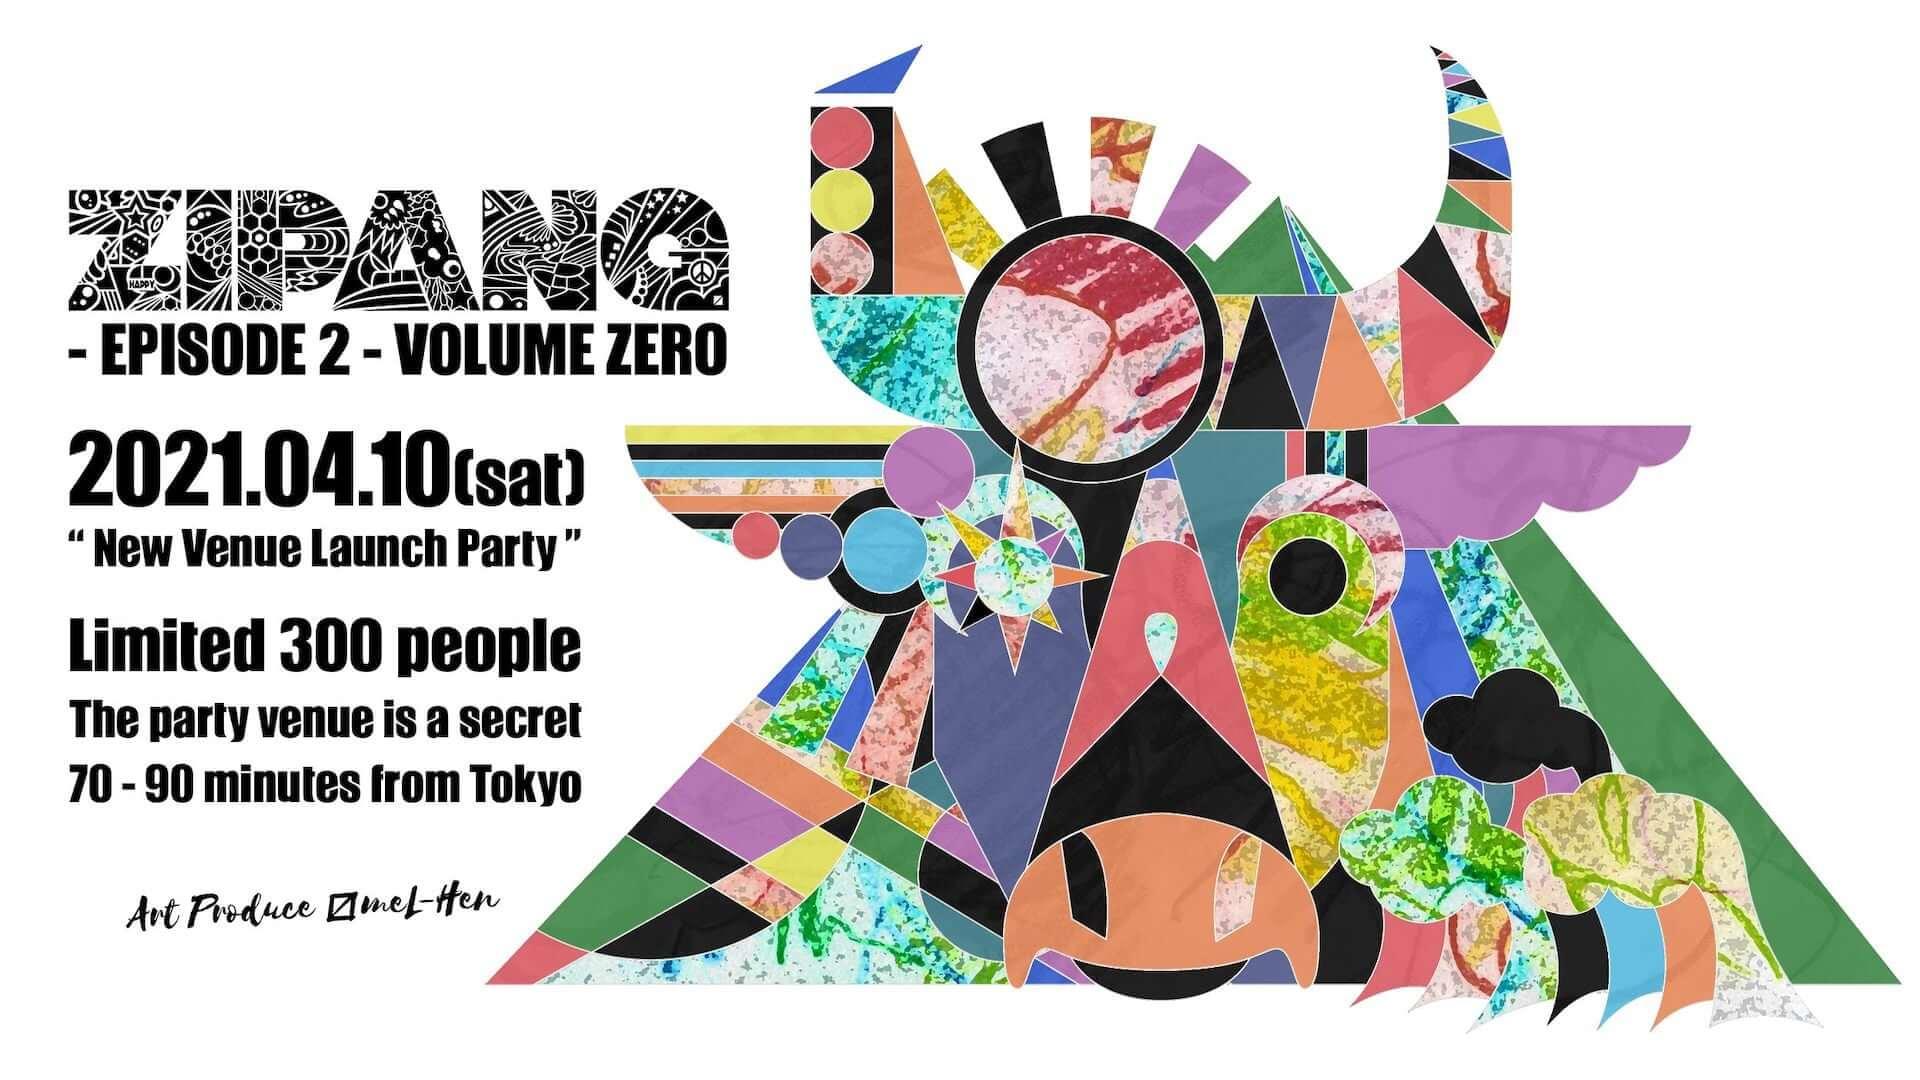 野外フェス<ZIPANG>が復活!DJ Nobu、Takaaki Itoh、Shhhhh、7eら出演のニューベニュー・ローンチパーティーが開催決定 music210311_zipang_3-1920x1080